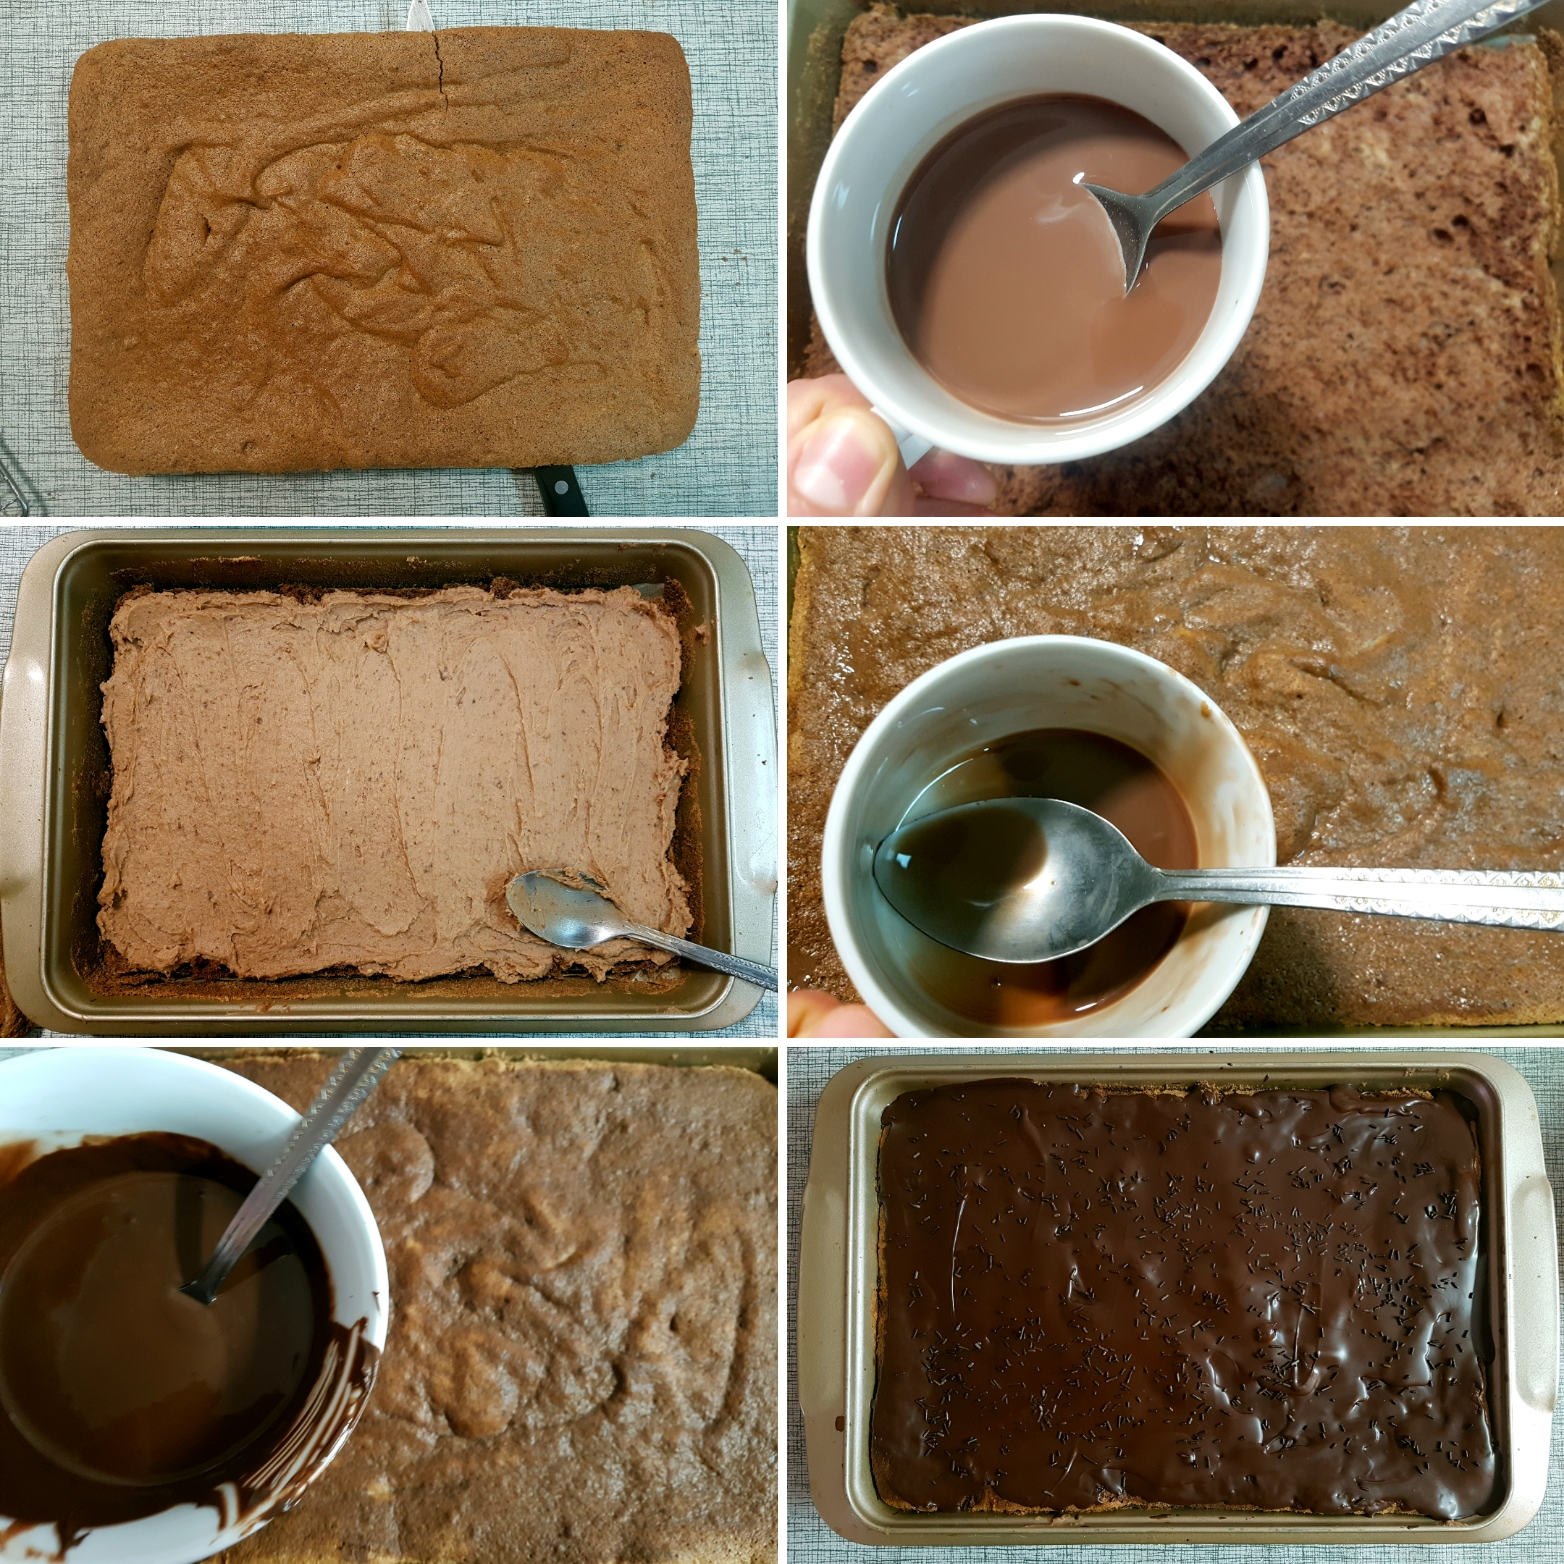 Cokoladni-kolac-sa-kestenom-6